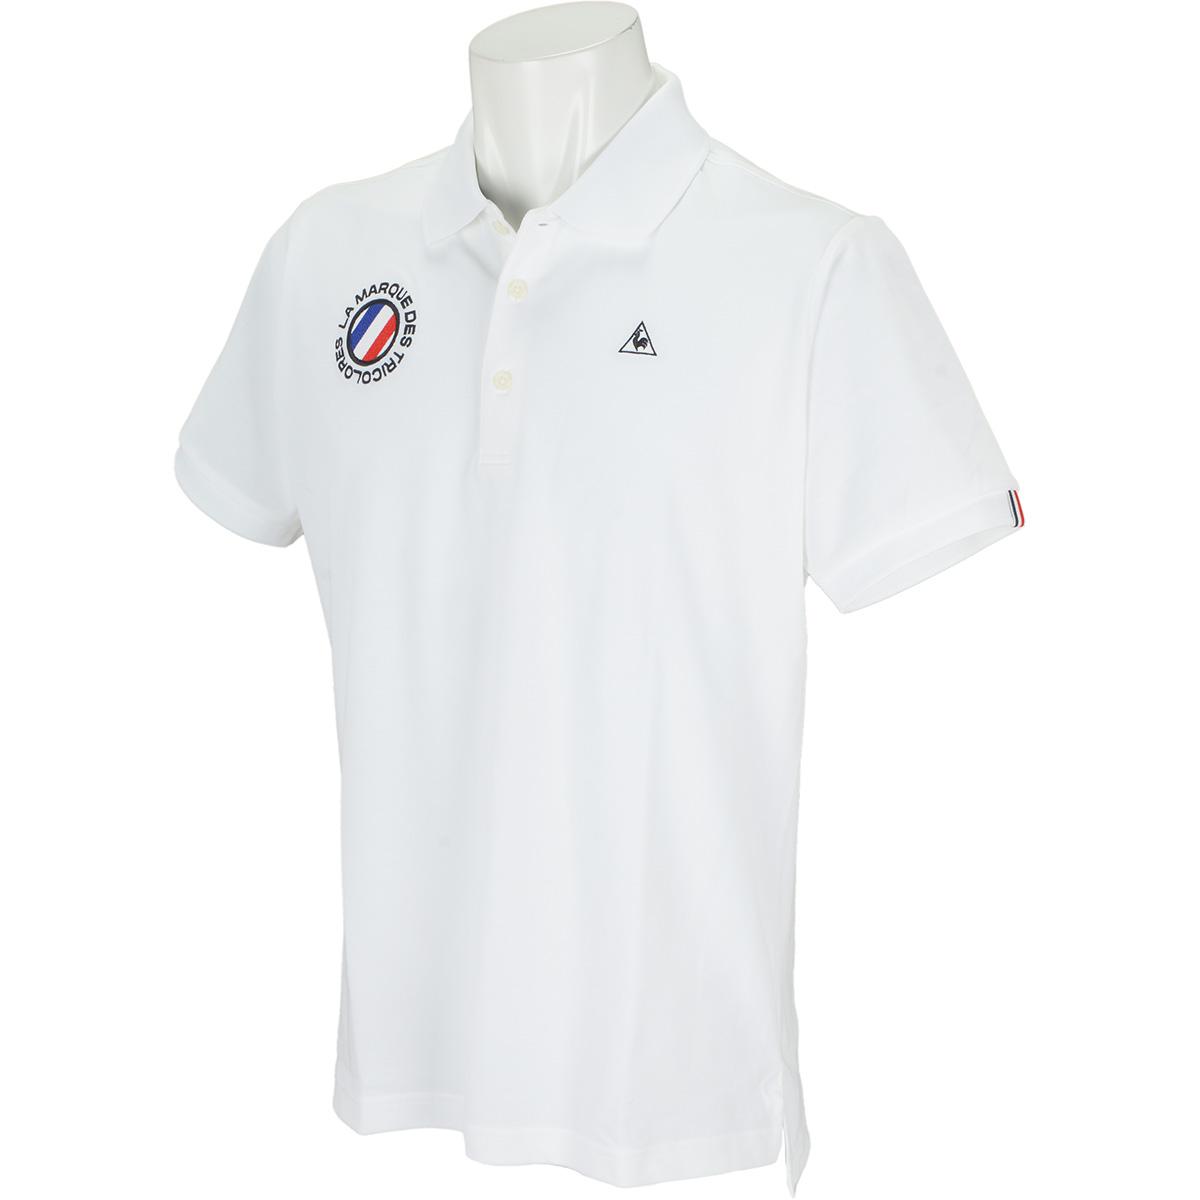 オンライン限定 半袖ポロシャツ